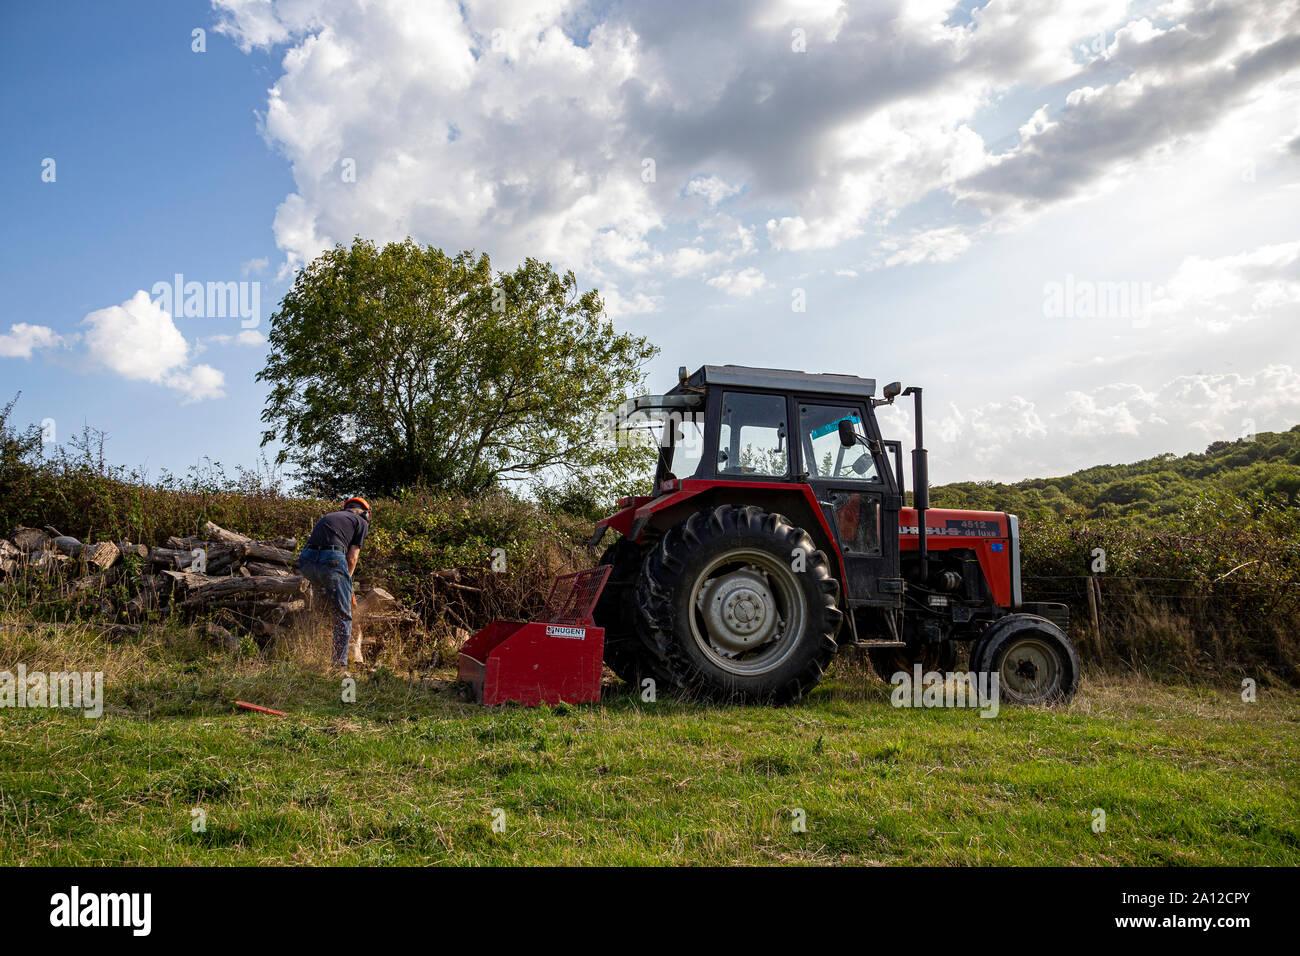 Tractor, moderno, agricultura, Rojo, Retail, equipo agrícola, terreno agrícola, maquinaria agrícola, empresarial, Imagen en color, terrenos comerciales Foto de stock